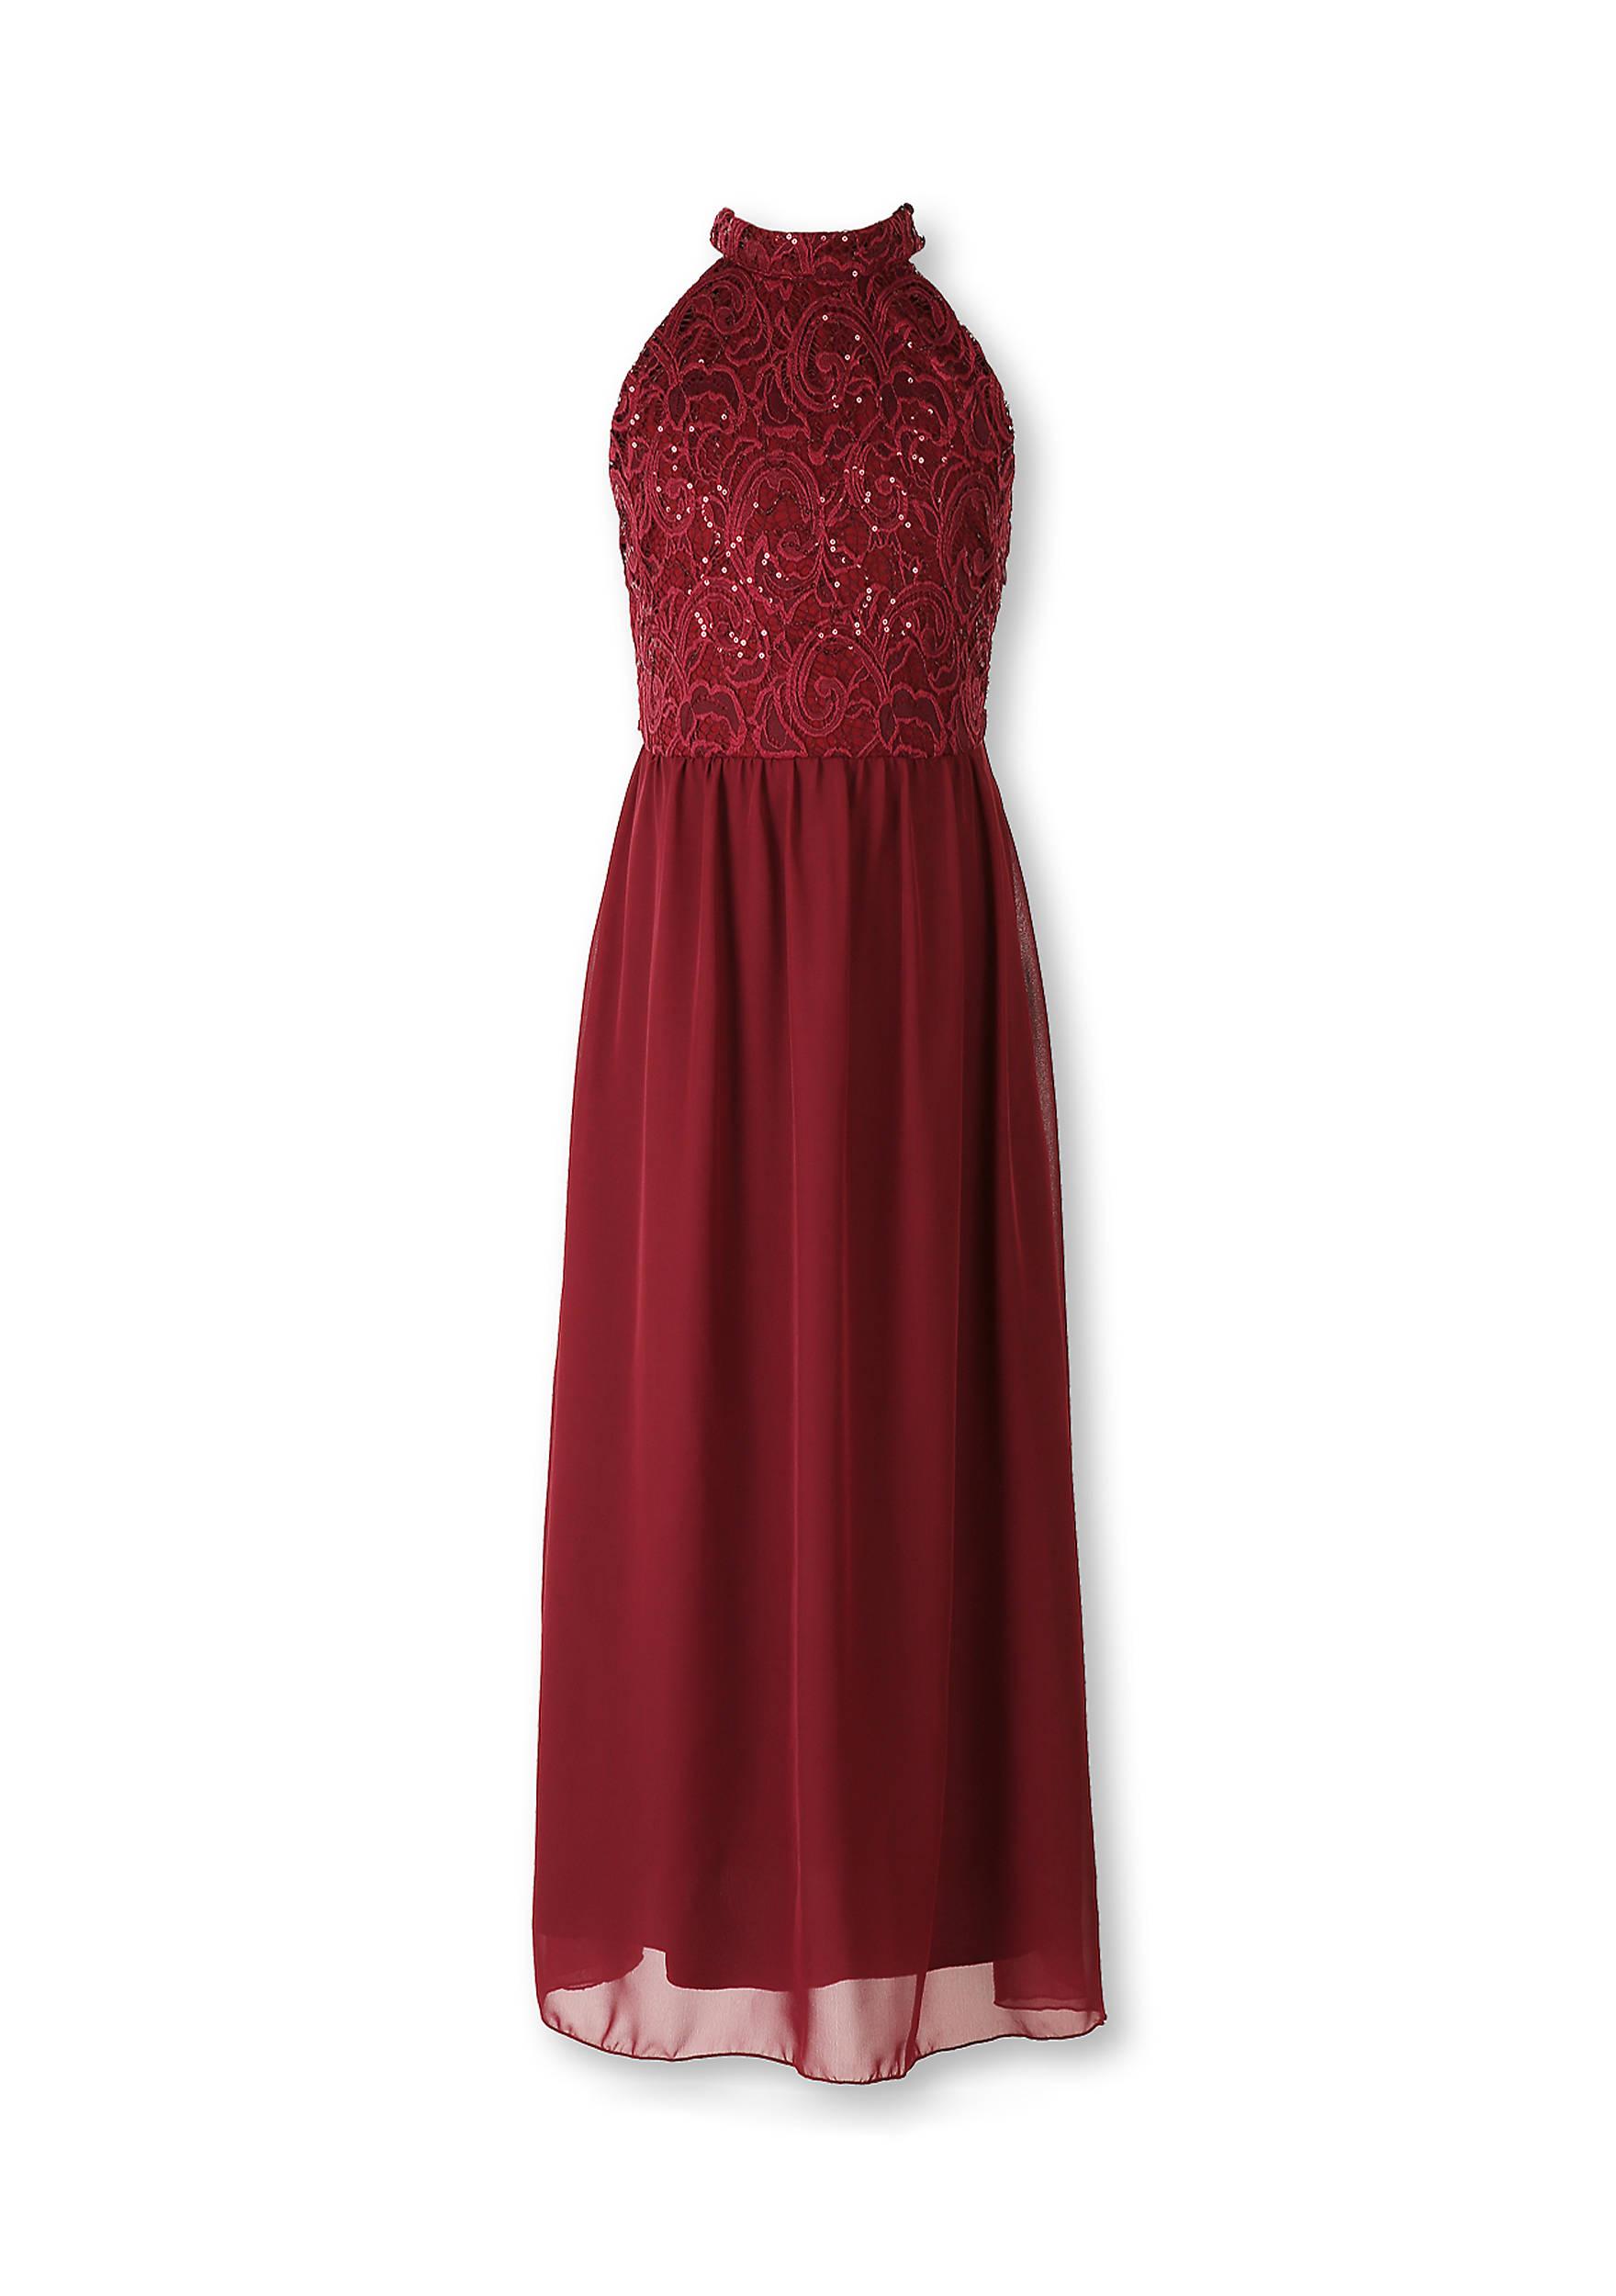 Großzügig Cocktailkleider Bei Belk Zeitgenössisch - Hochzeit Kleid ...